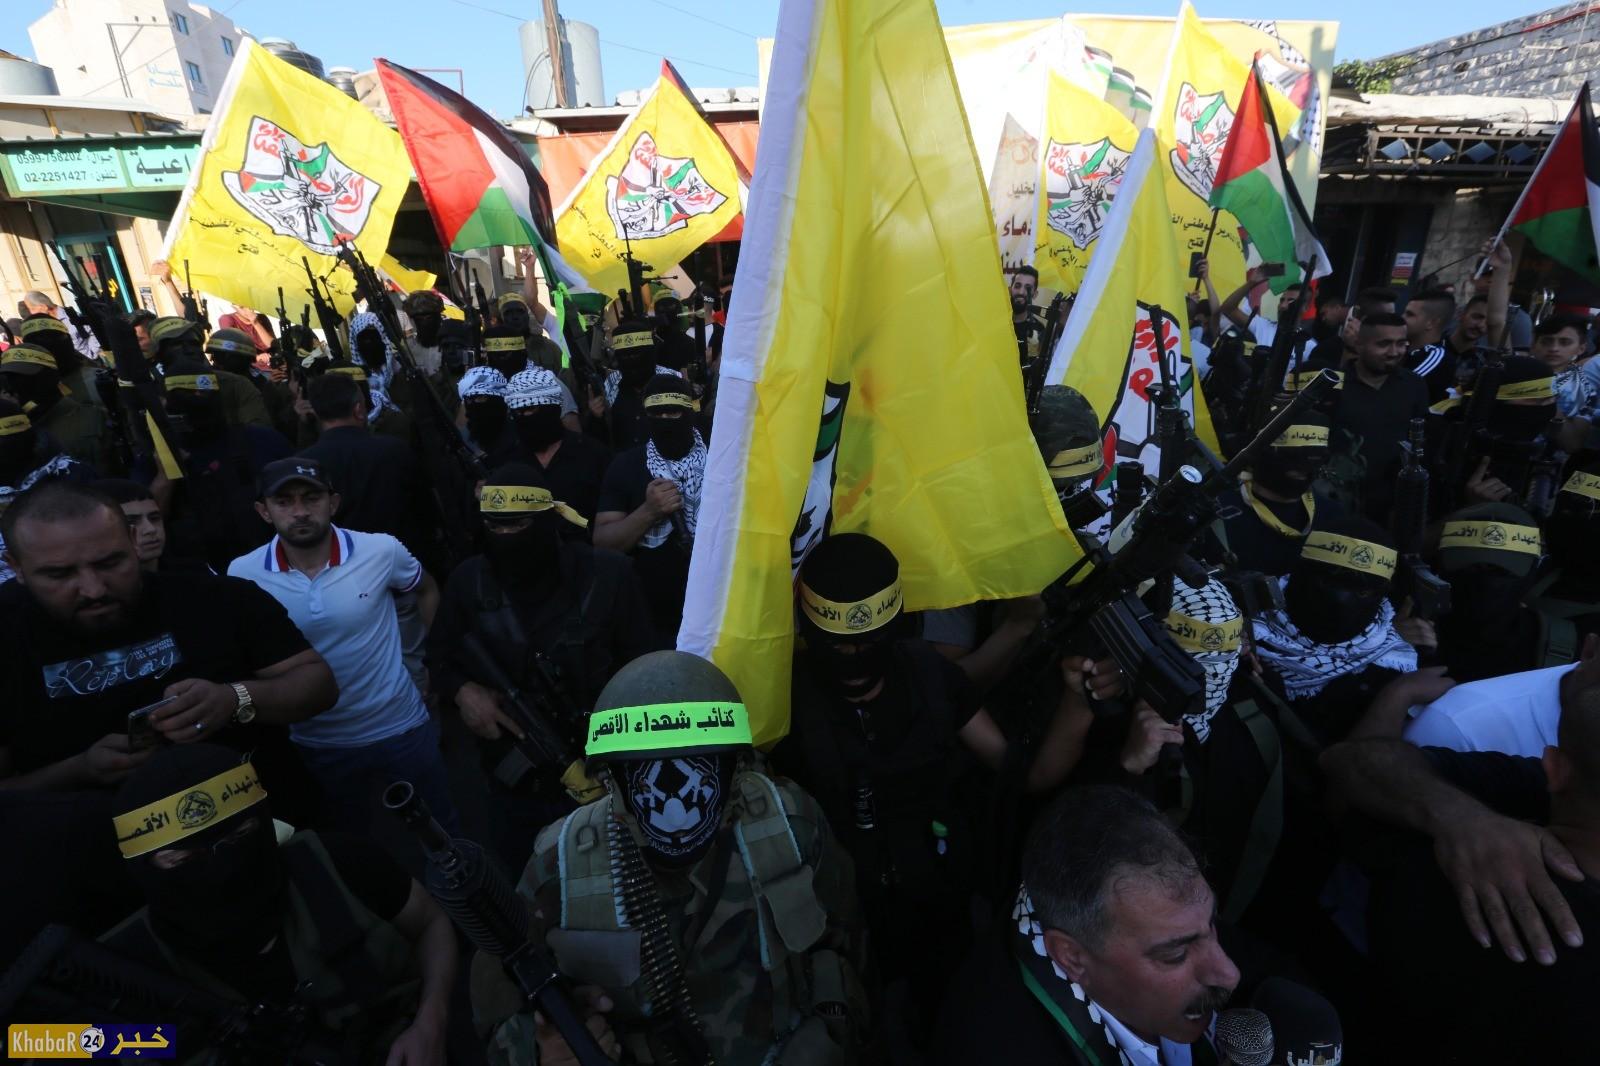 """""""فتح"""" تنظم مسيرة دعم للرئيس واسناد للقدس والشرعية الفلسطينية في حلحول شمال الخليل"""